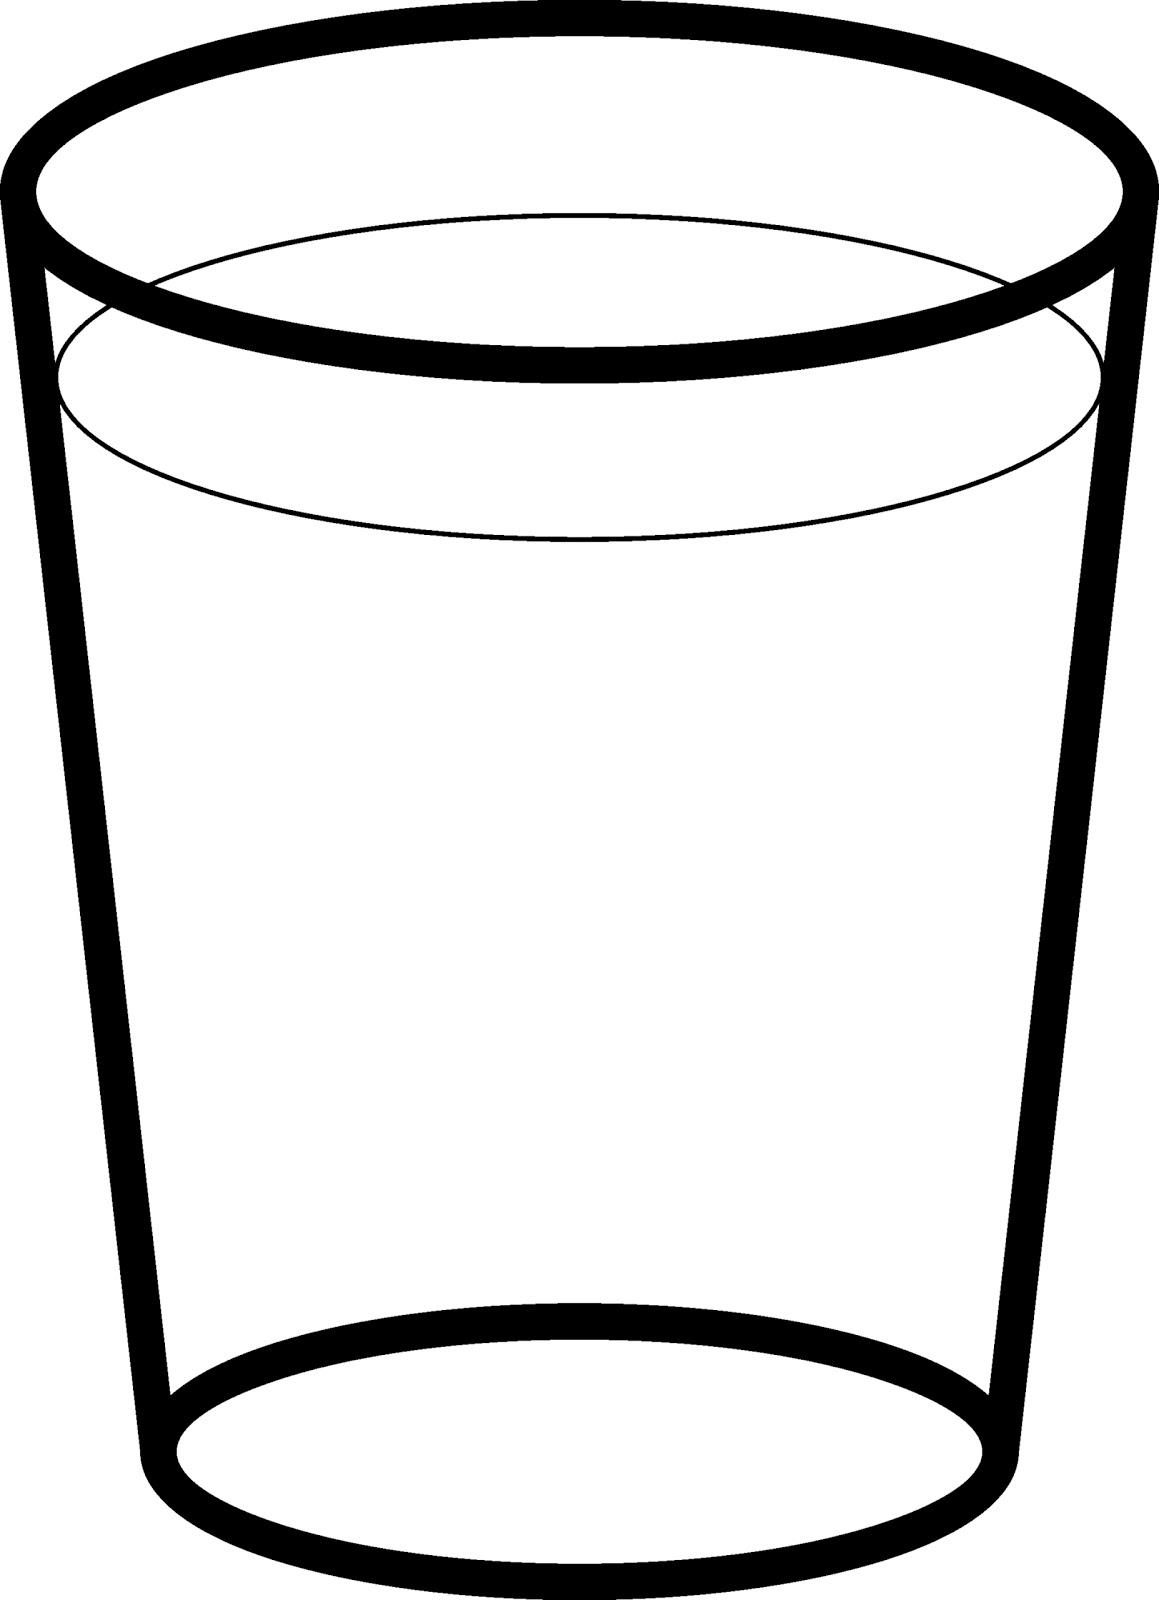 of vaso de agua de dibujo